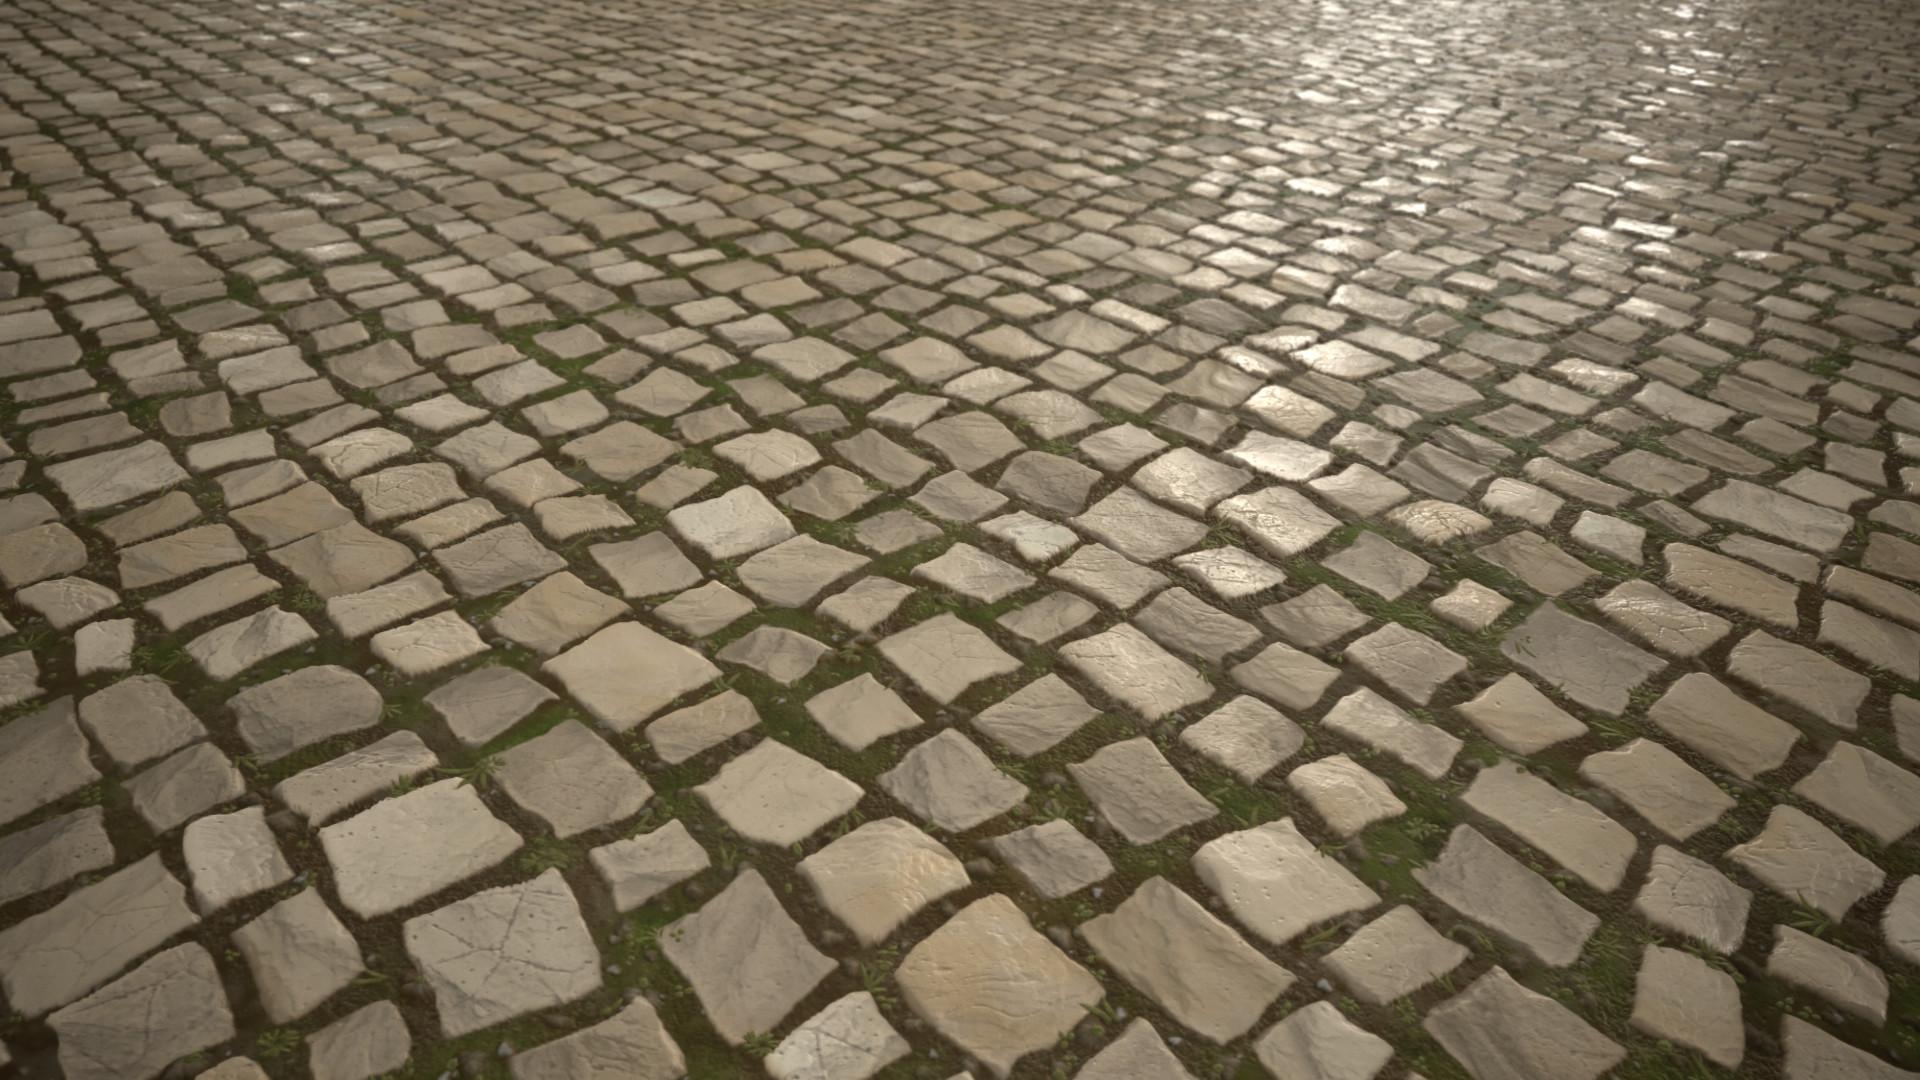 Alina godfrey cobblestone angle shot